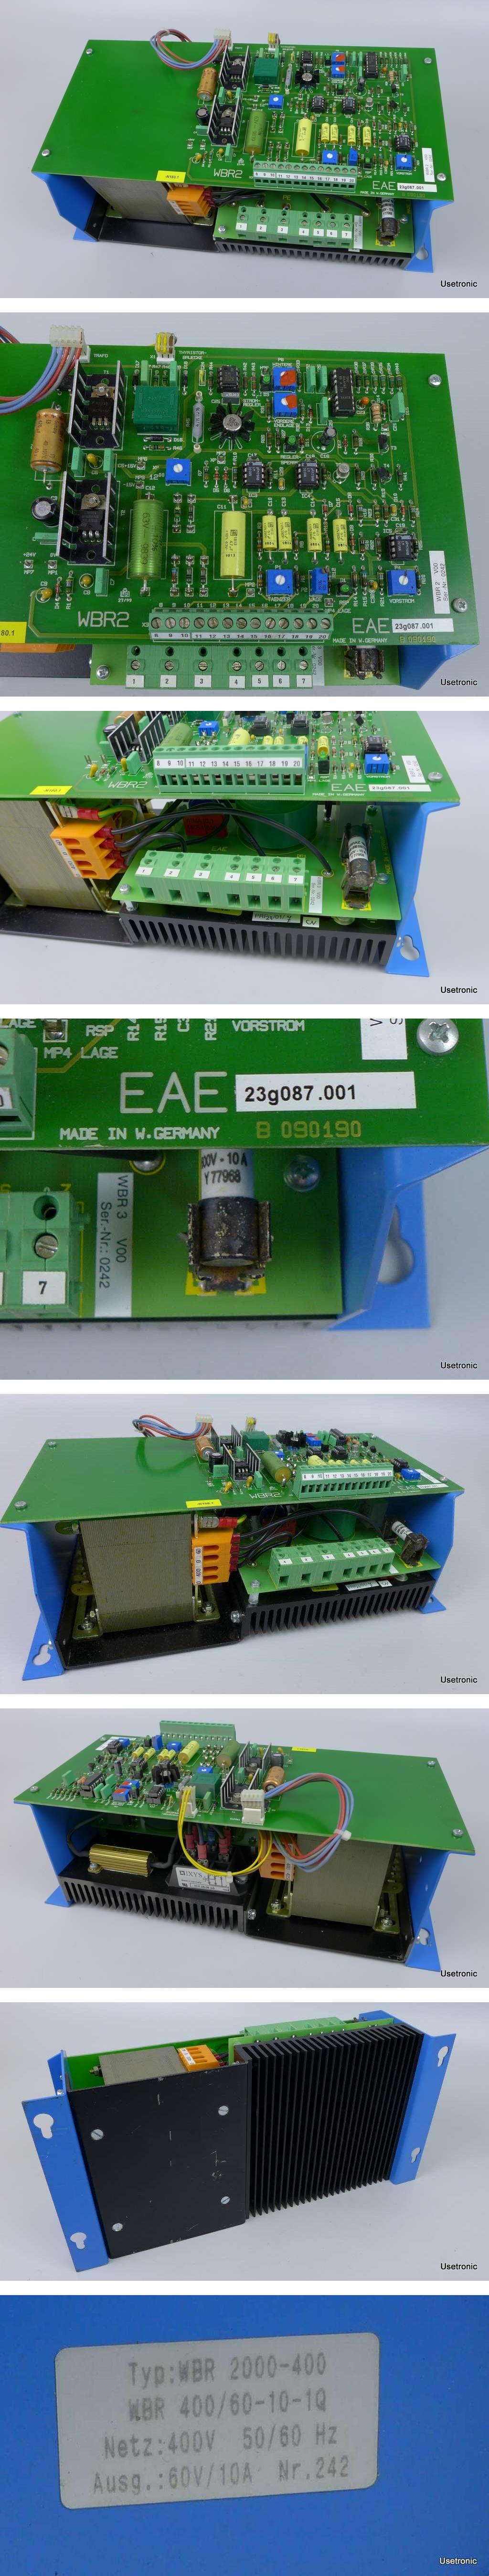 EAE WBR 2000-400 400/60-10-1Q WBR2